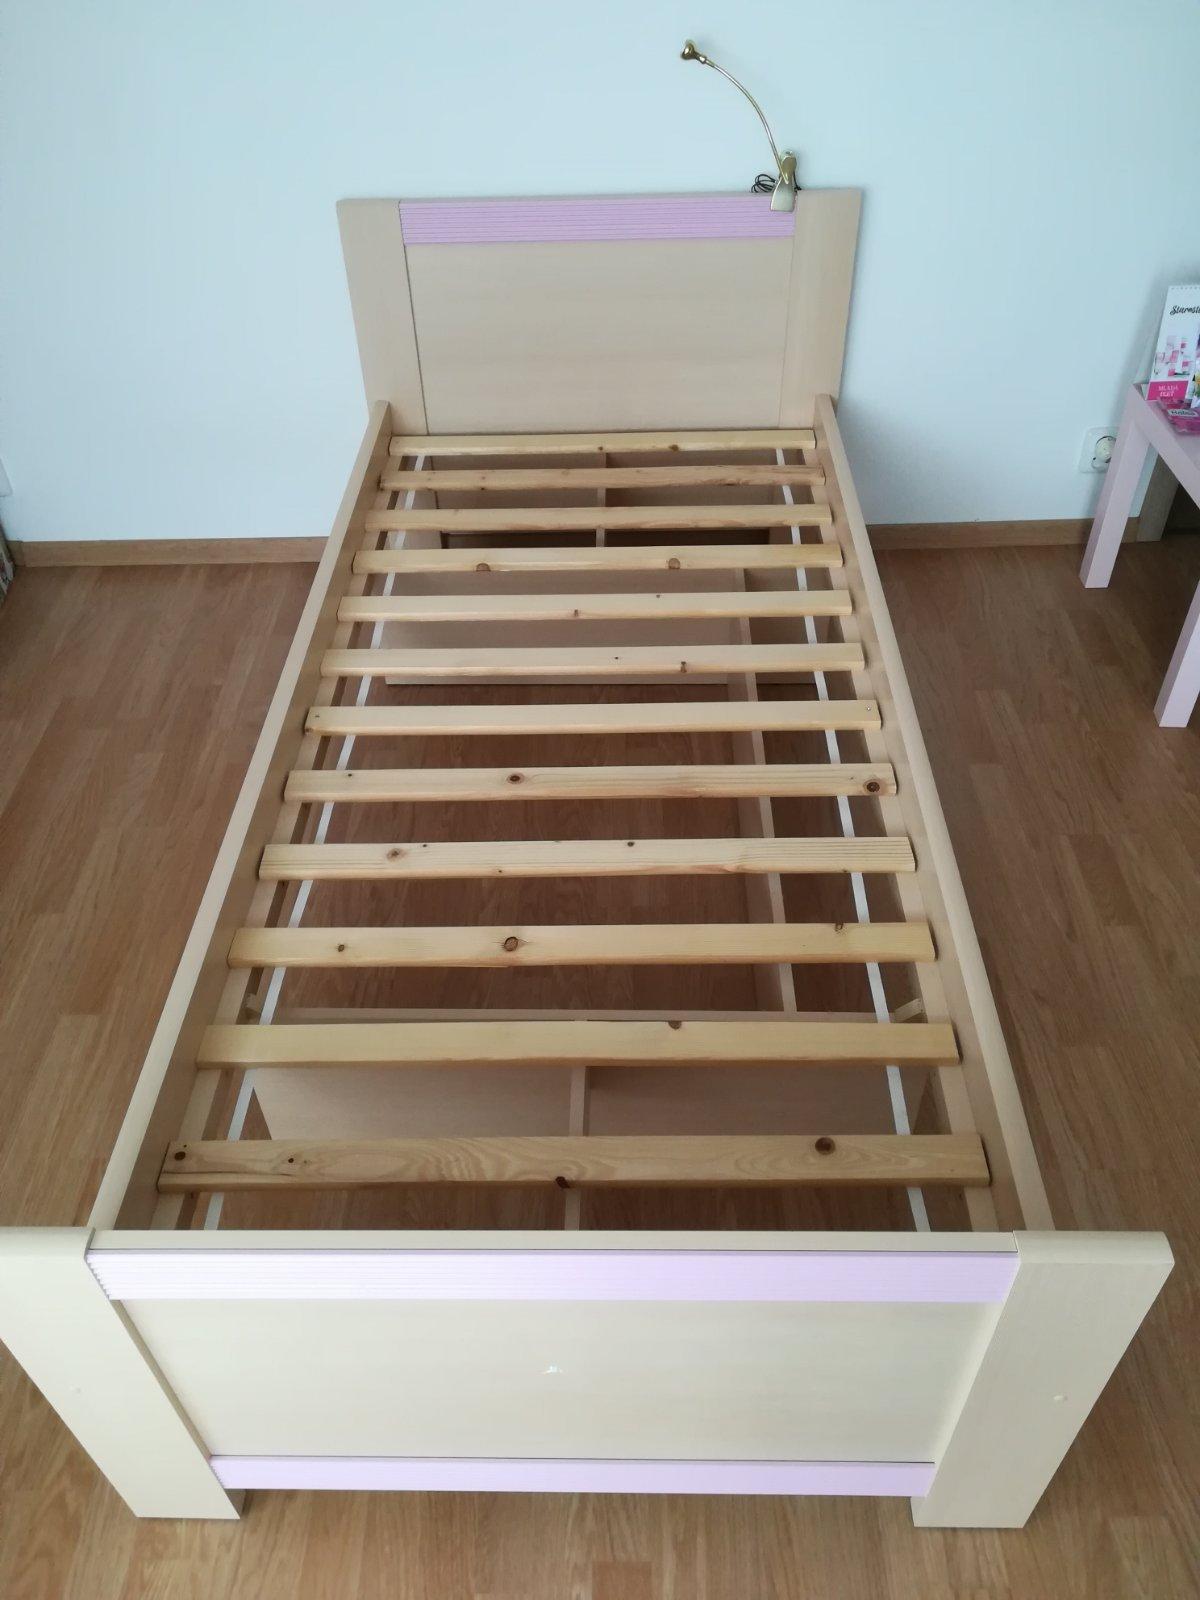 Dievčenská posteľ - NOVÁ CENA - Obrázok č. 1